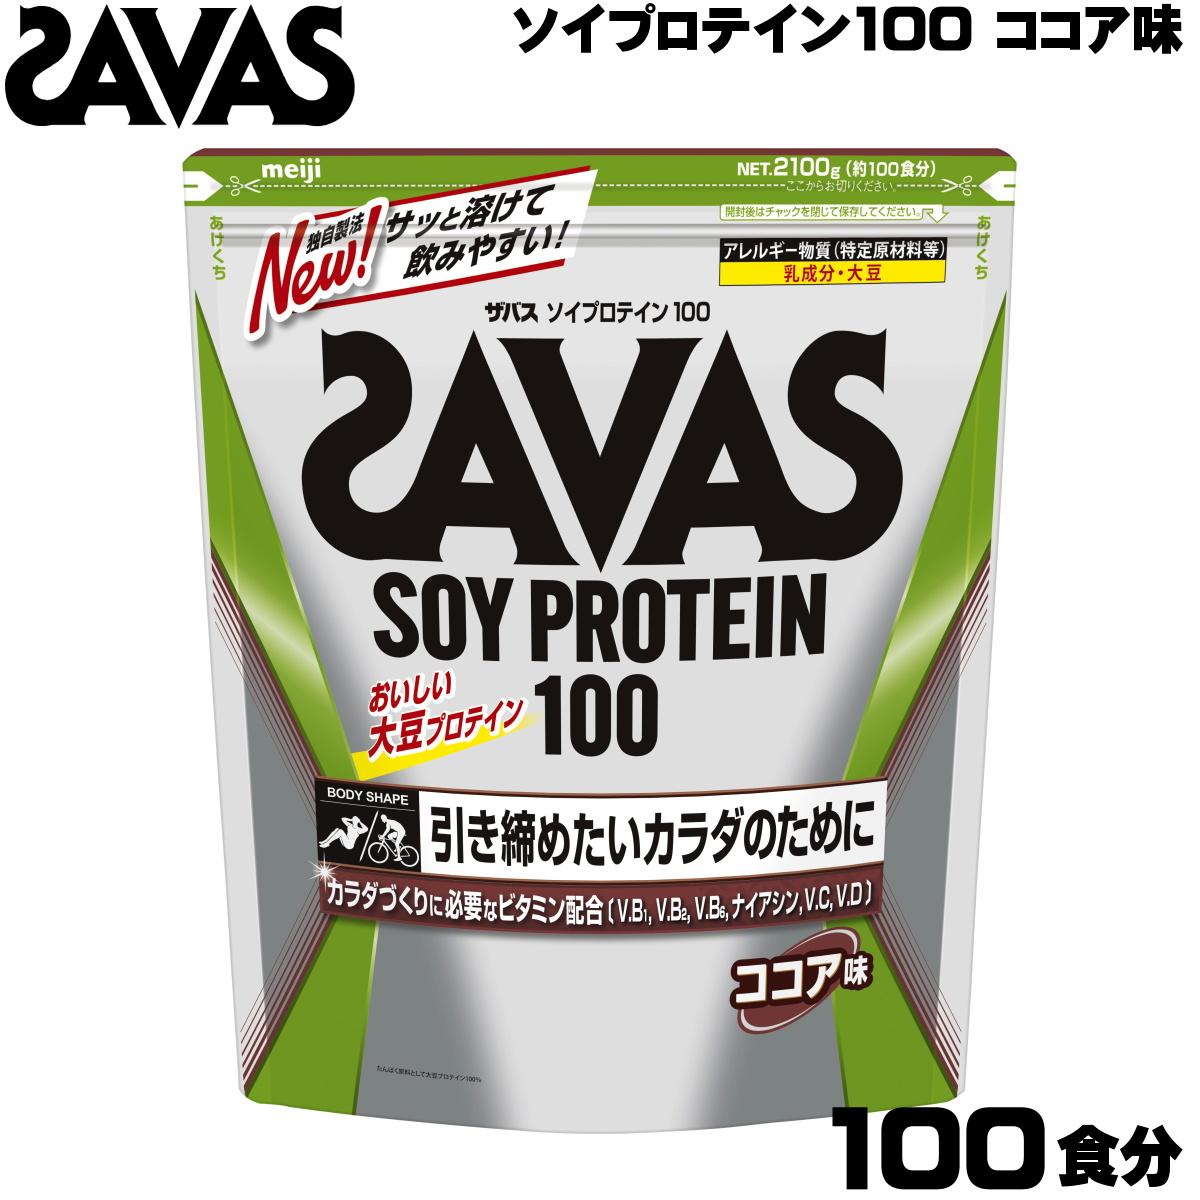 ■賞味期限:2022年9月以降 大豆 SOYプロテイン 引き締めたいからだに クーポン利用で更にお値引き 明治 好評受付中 SAVAS ザバス 初回限定 30839MJ ソイプロテイン100 ココア味 CZ7473 100食分